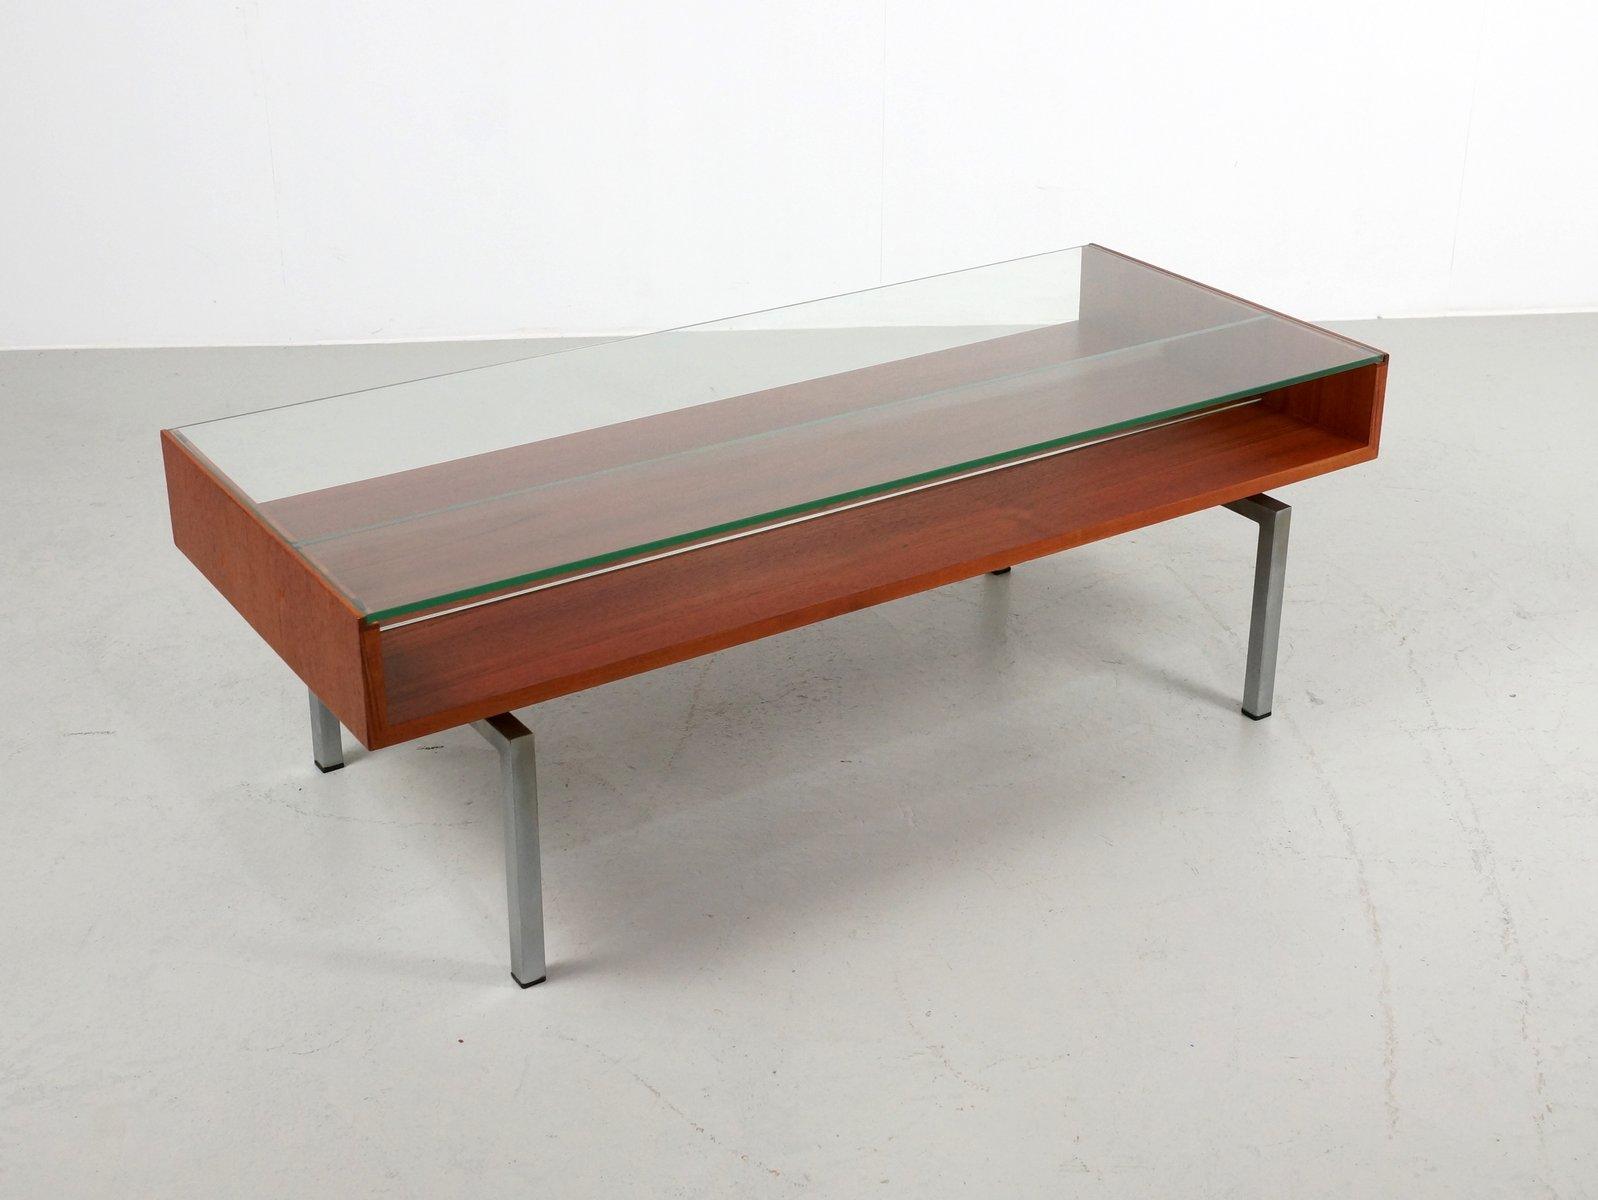 Table basse vintage en teck et verre en vente sur pamono for Table basse en teck